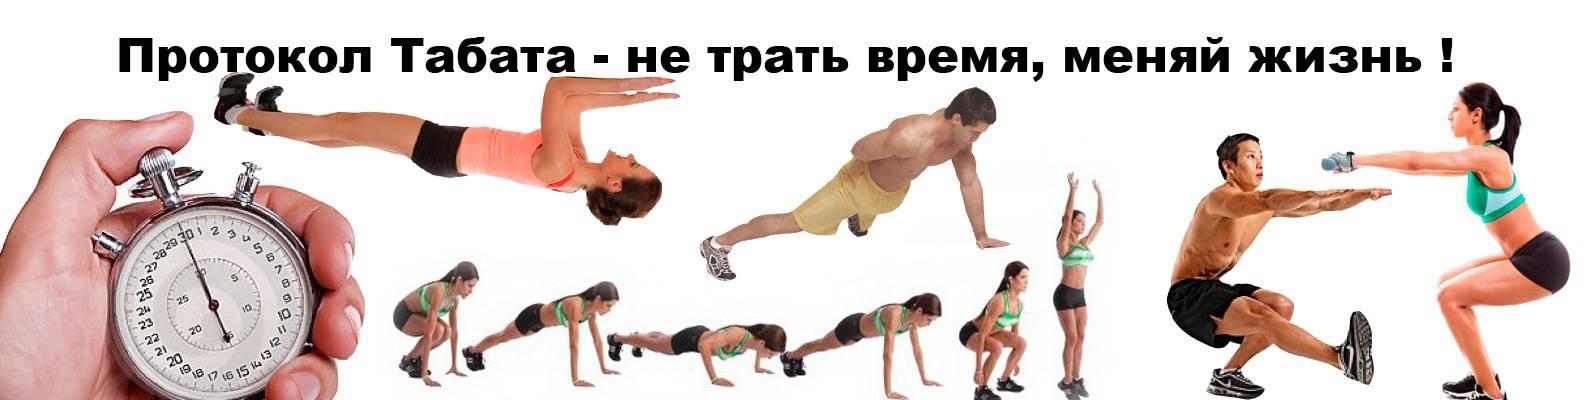 Программа тренировок для сжигания жира